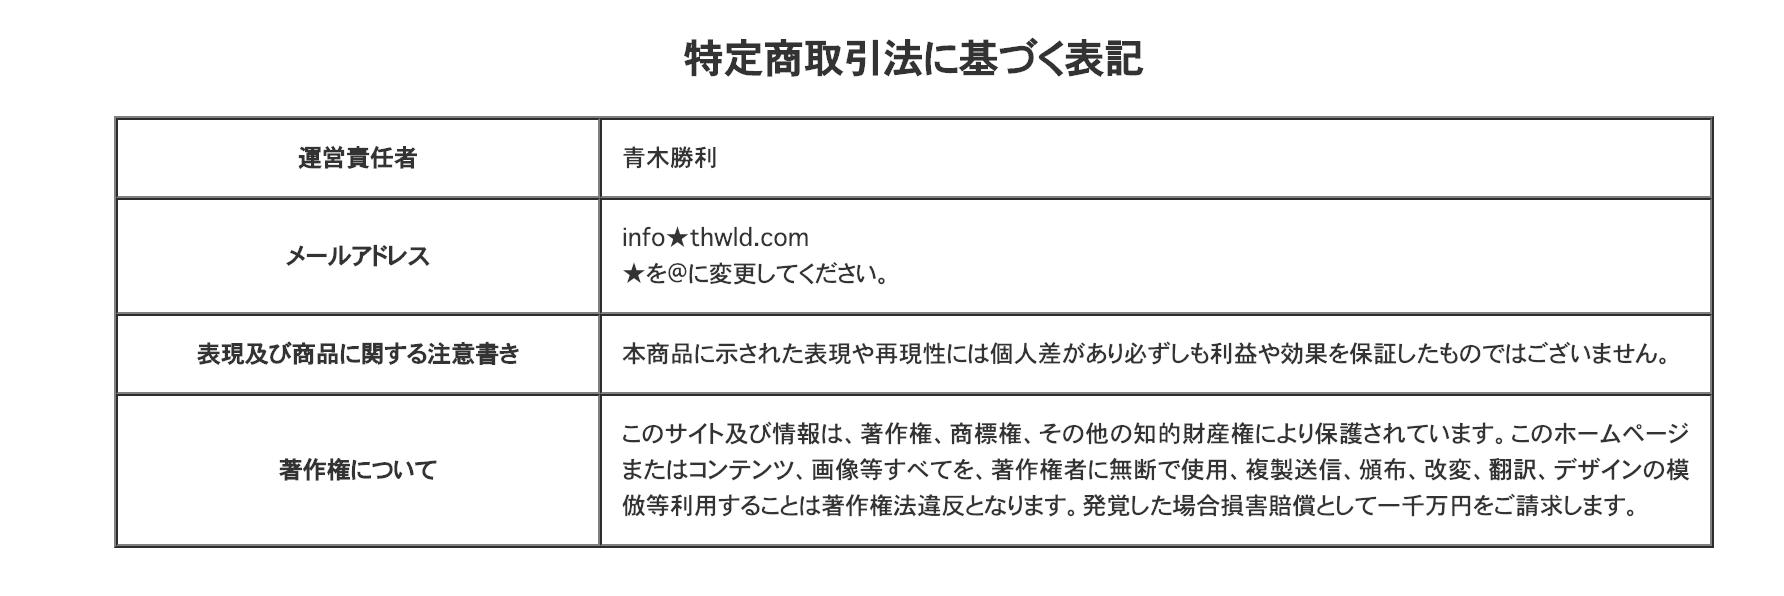 【元楽天】國重惇史のThe World特商法